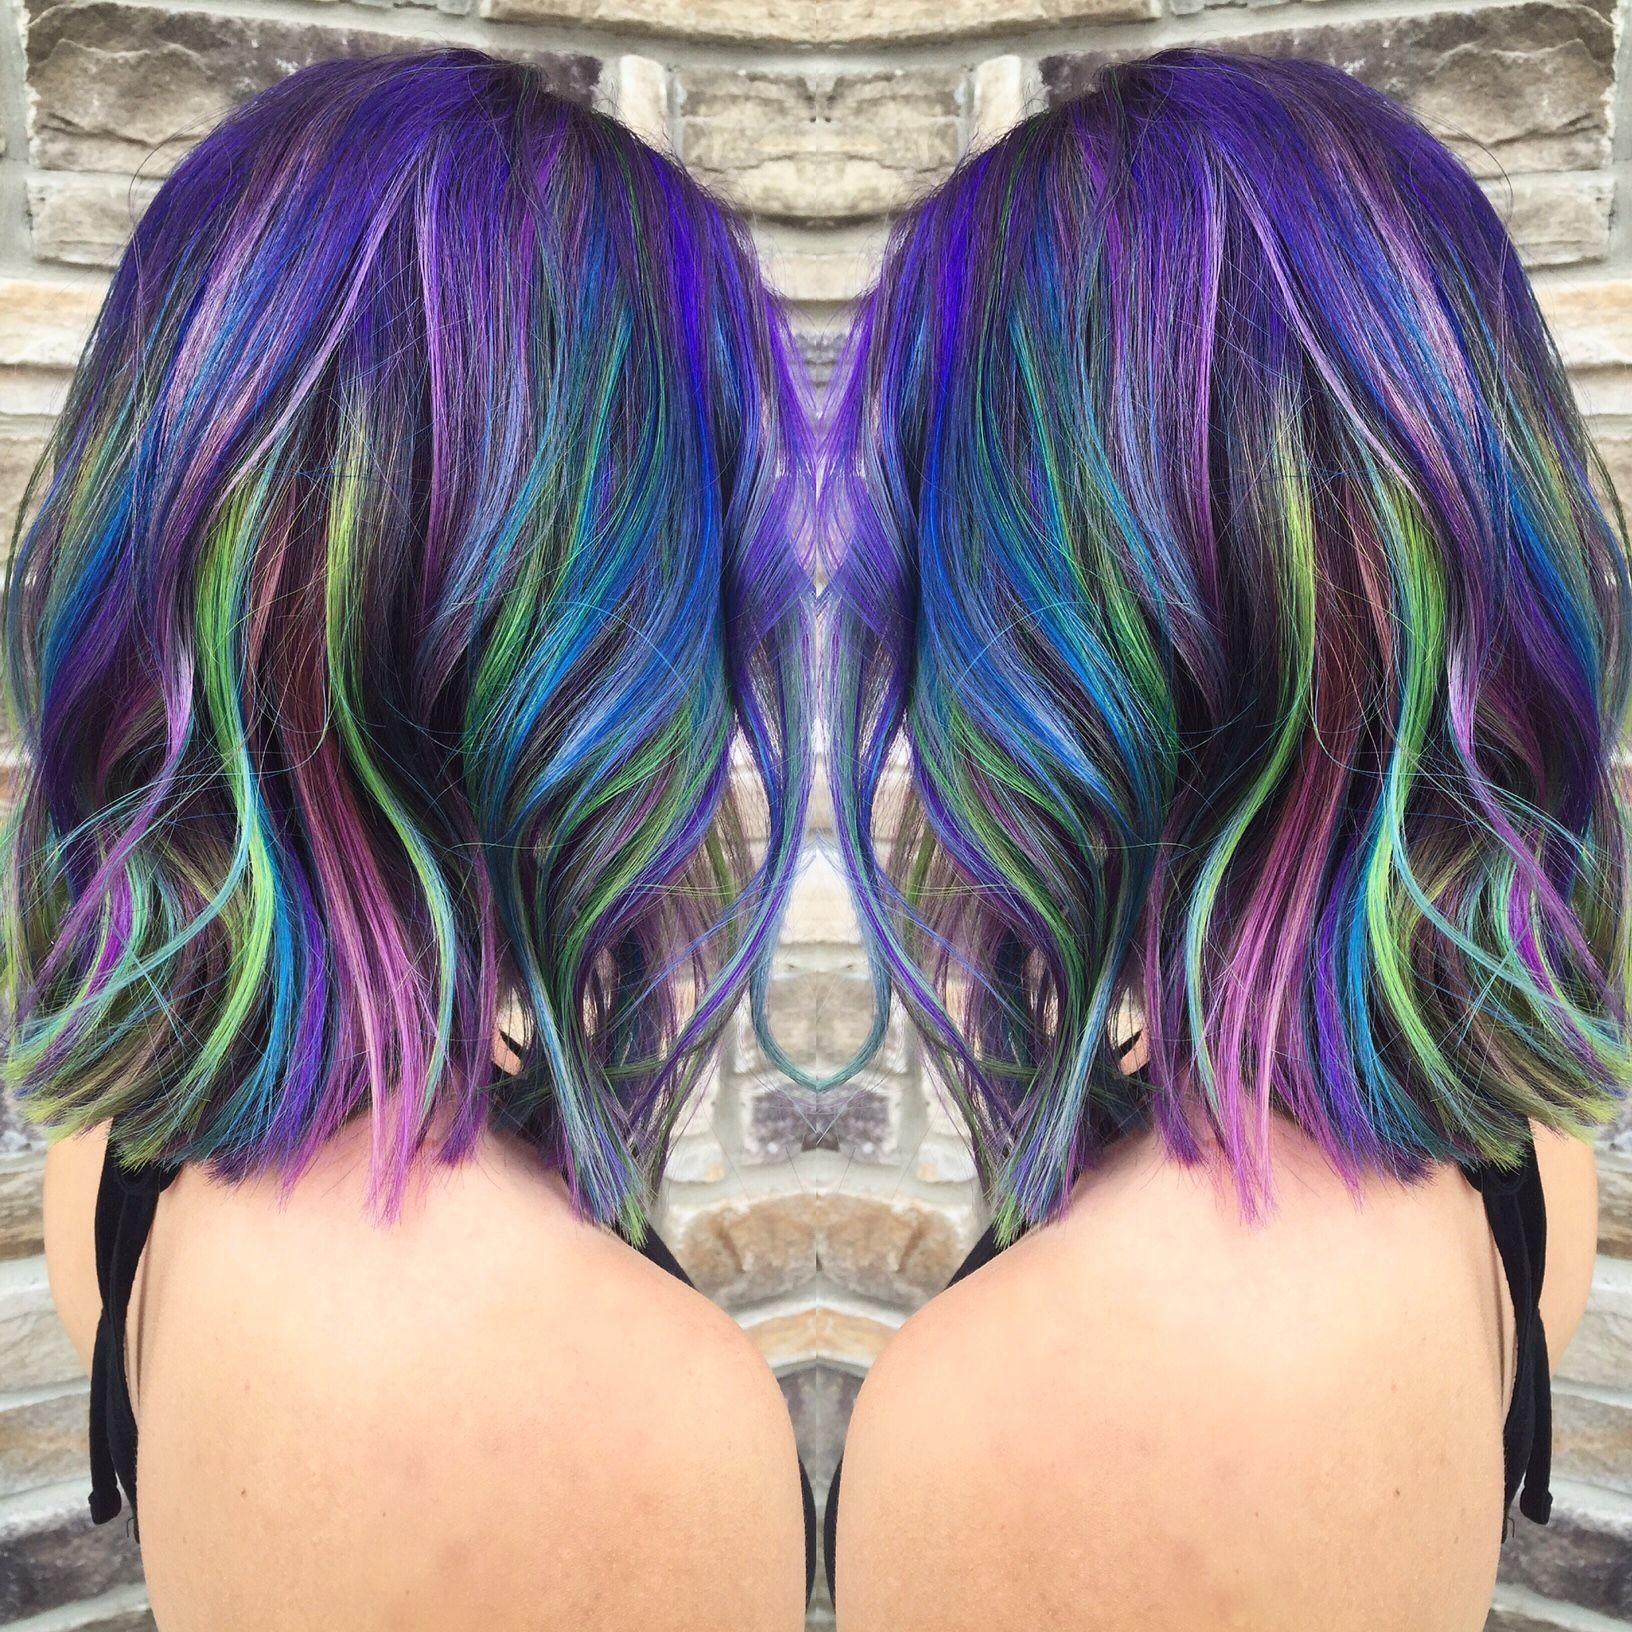 тушь для волос цветная